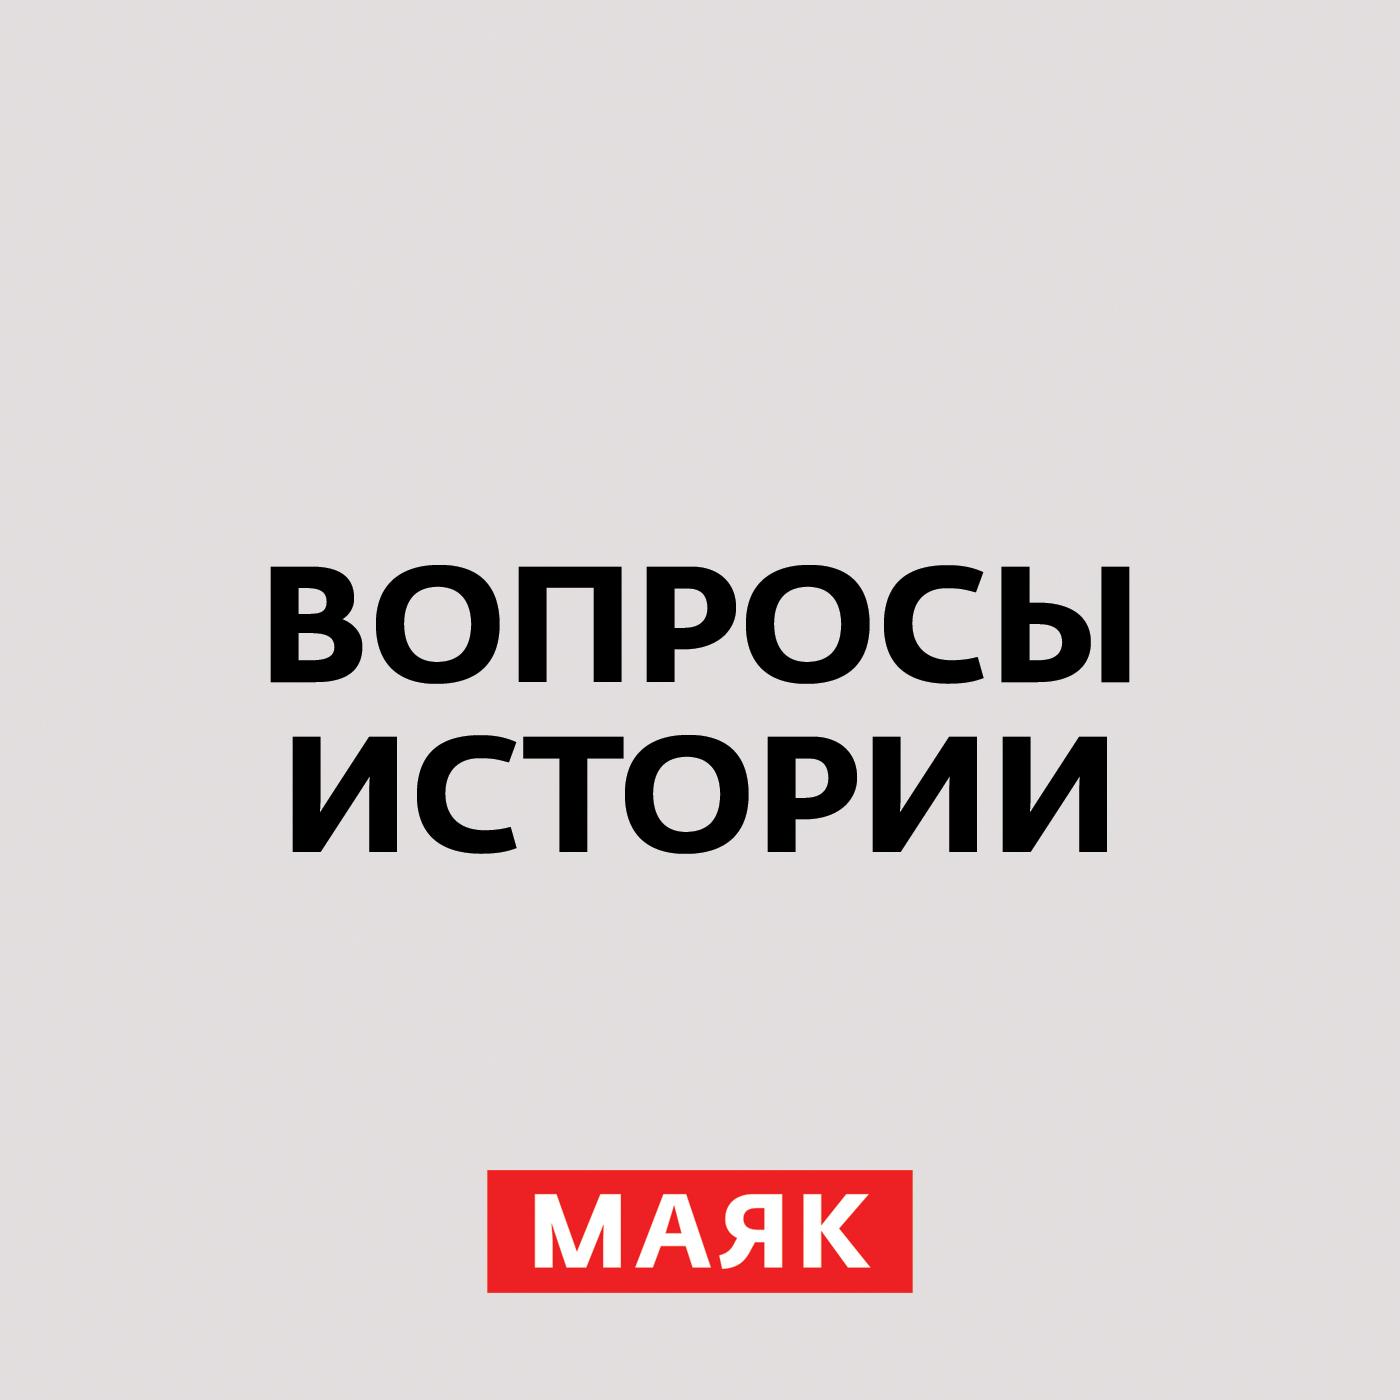 Андрей Светенко Битва за Москву. Часть 3 андрей светенко четыре думы российской империи часть 3